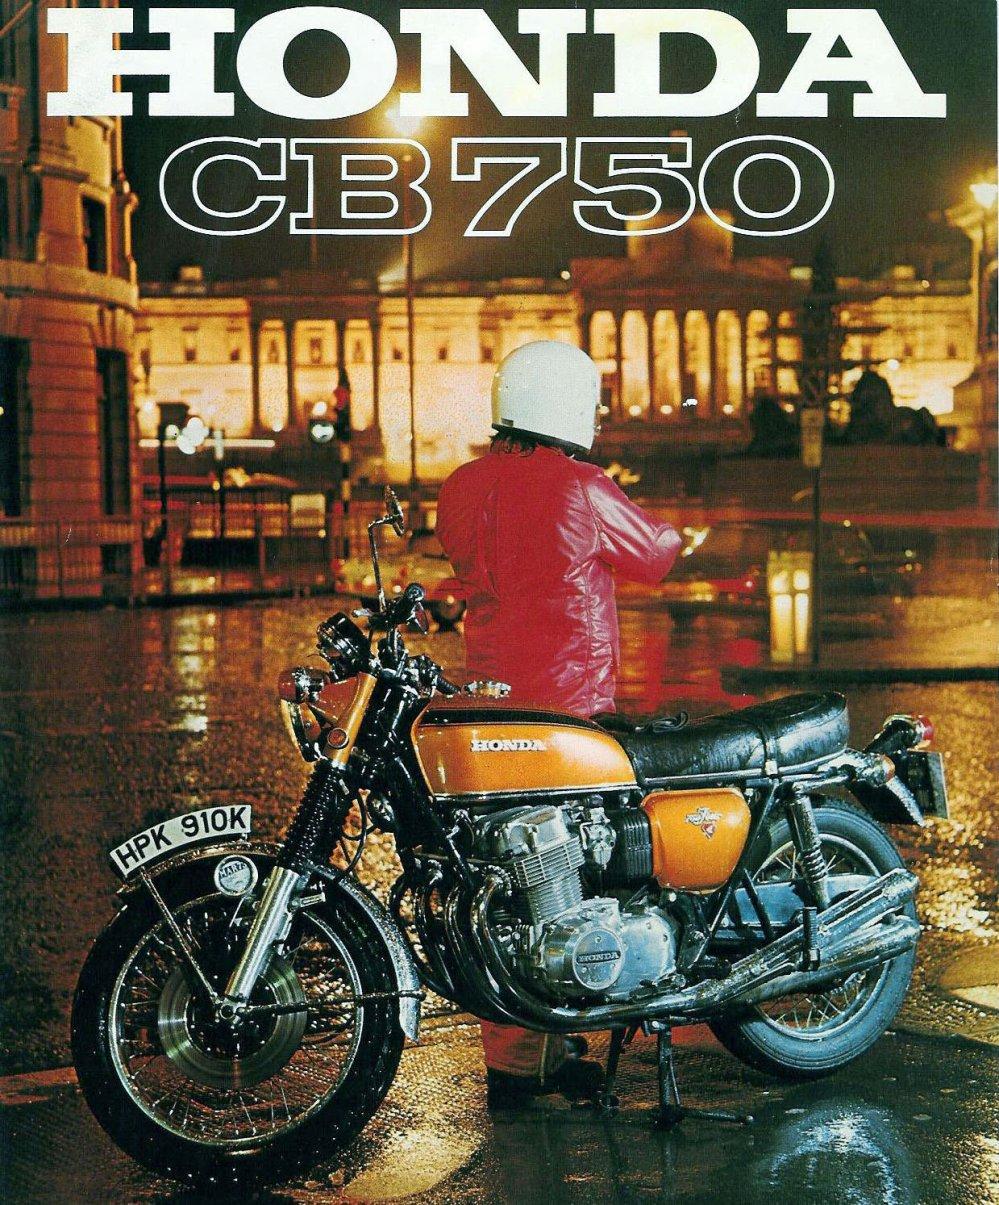 medium resolution of honda cb750 motorcycle